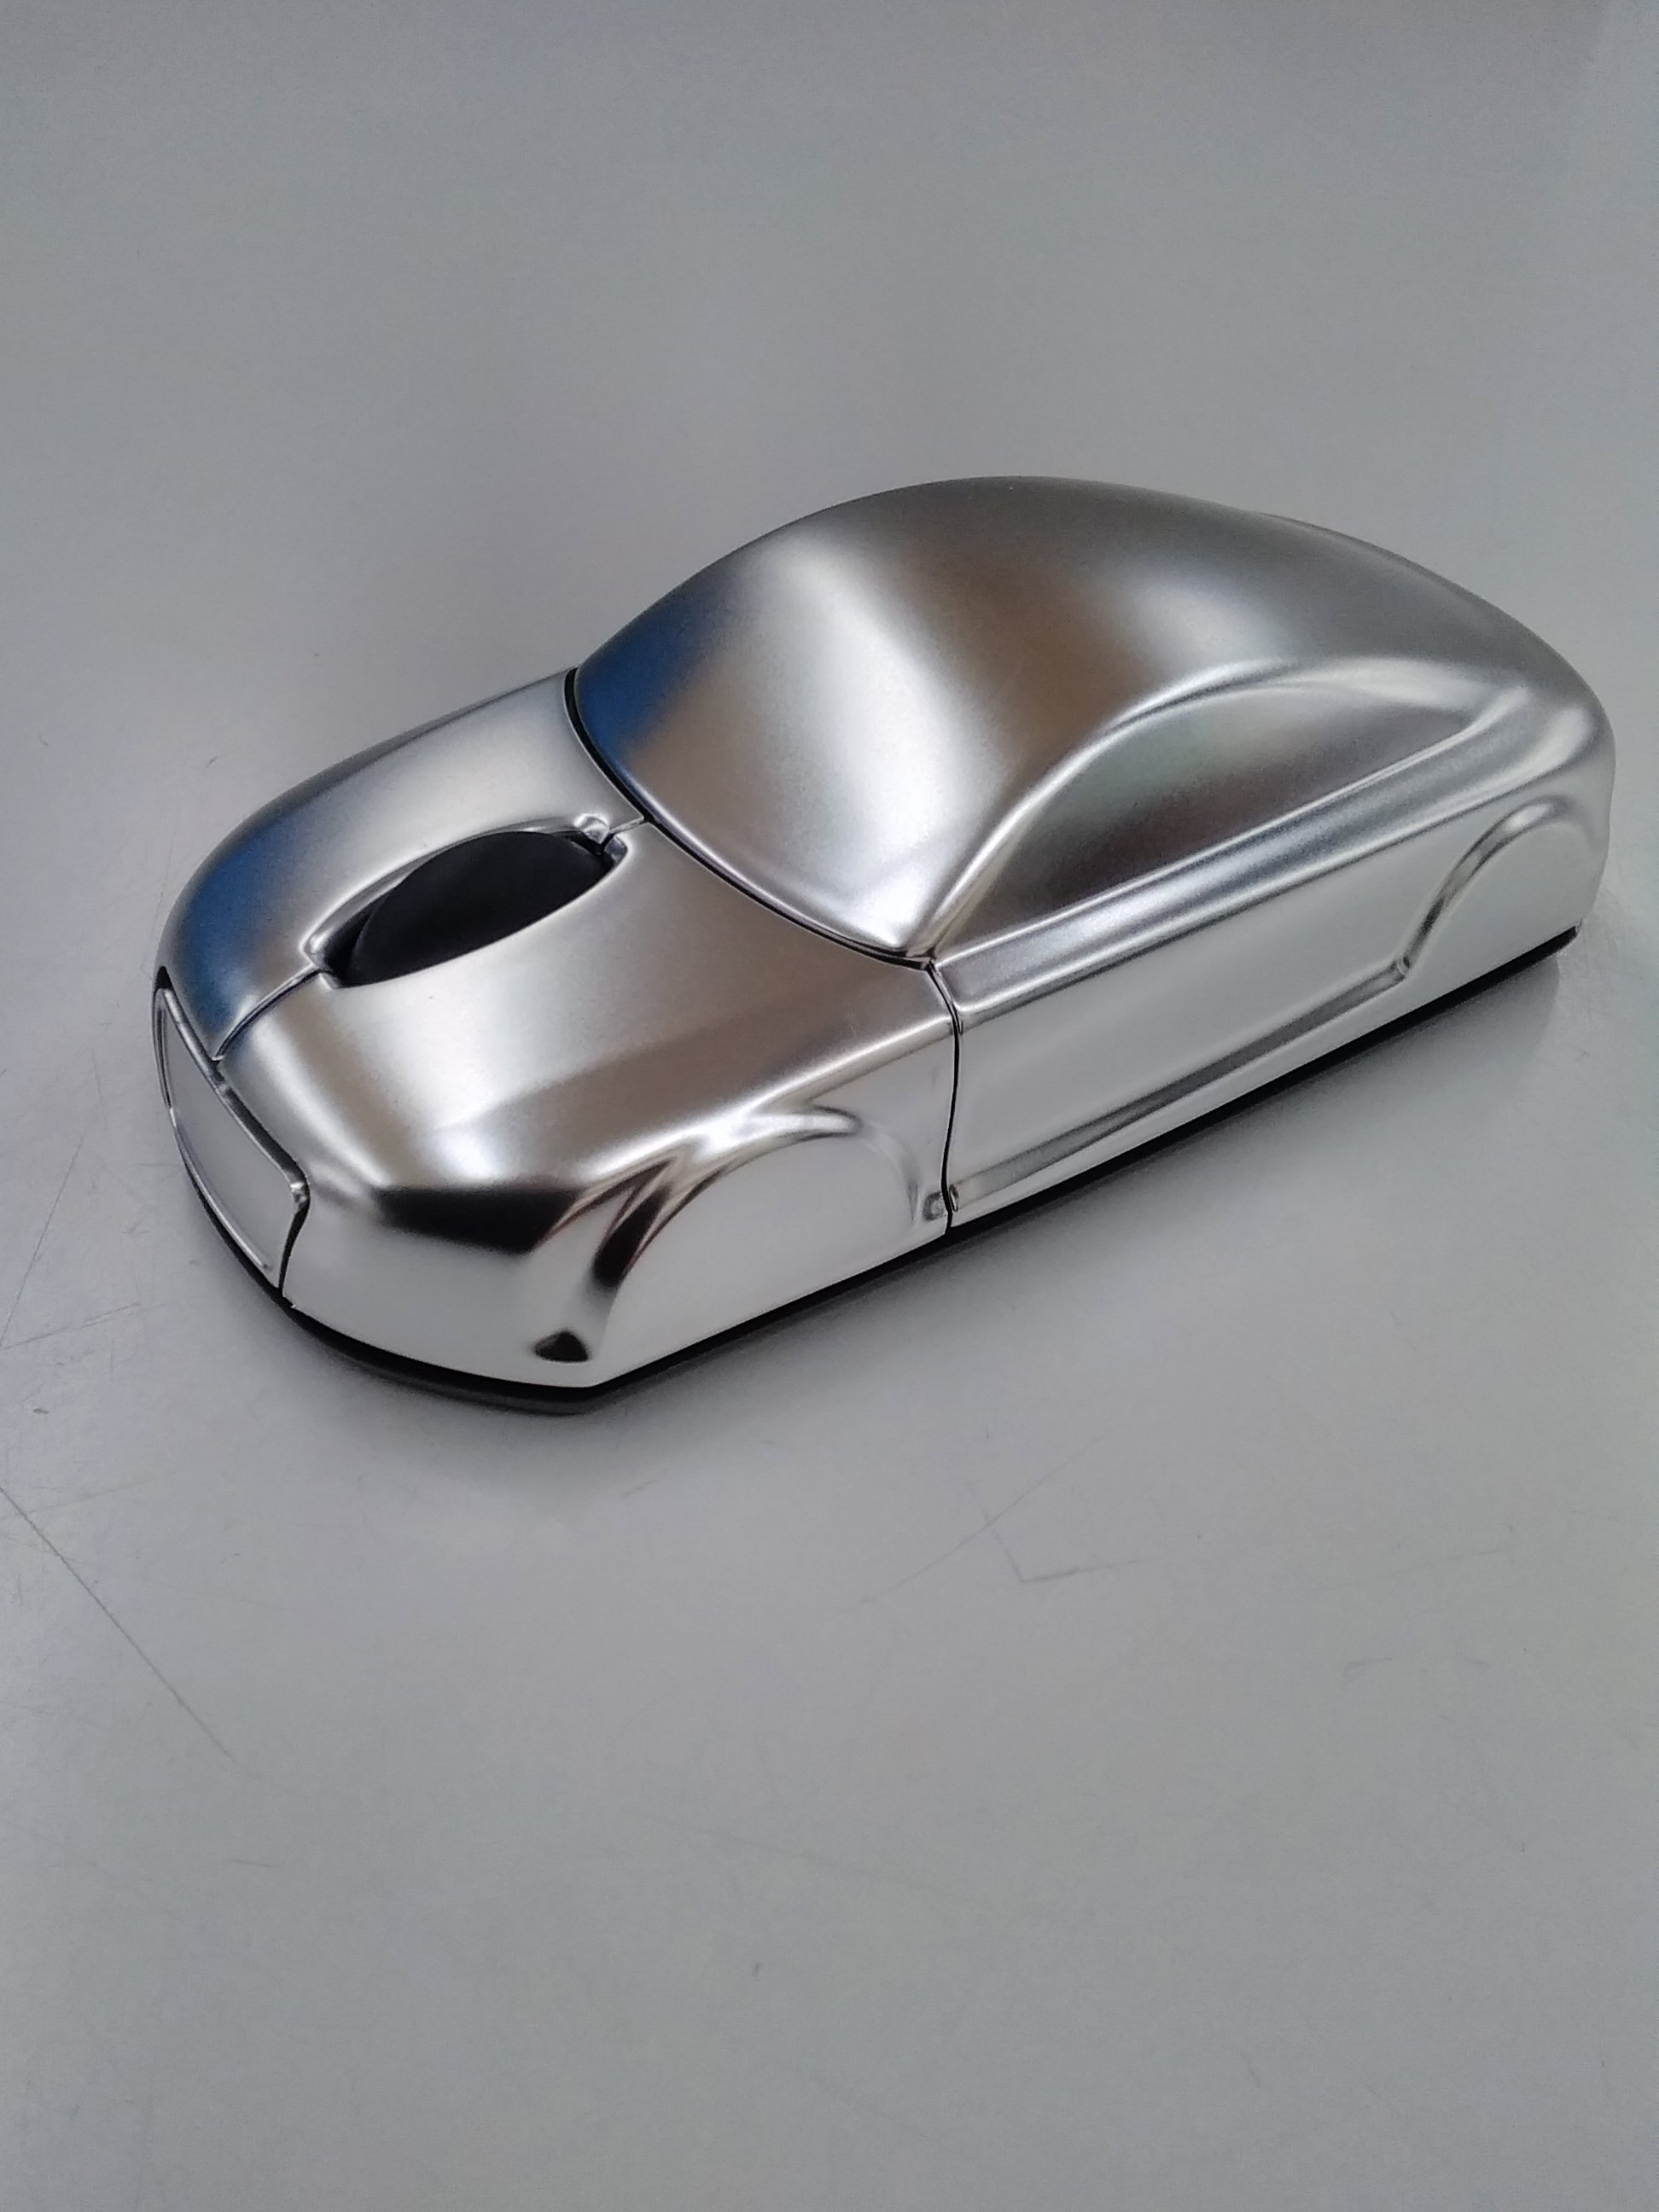 アウディコレクション ワイヤレスオプティカルレーザーマウス|AUDI